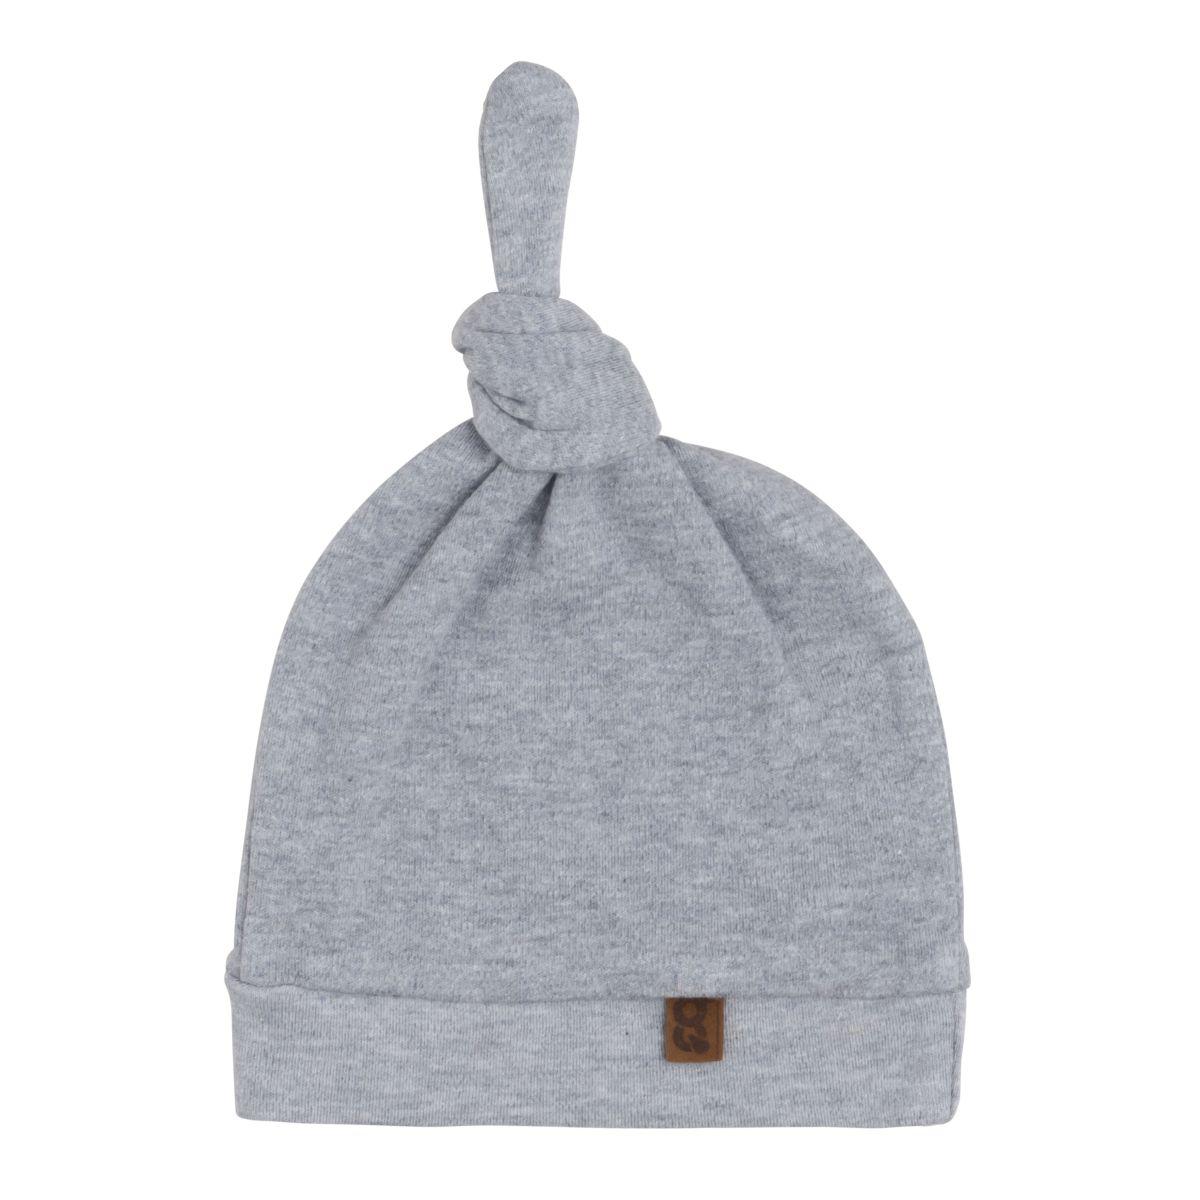 knotted hat melange grey 03 months